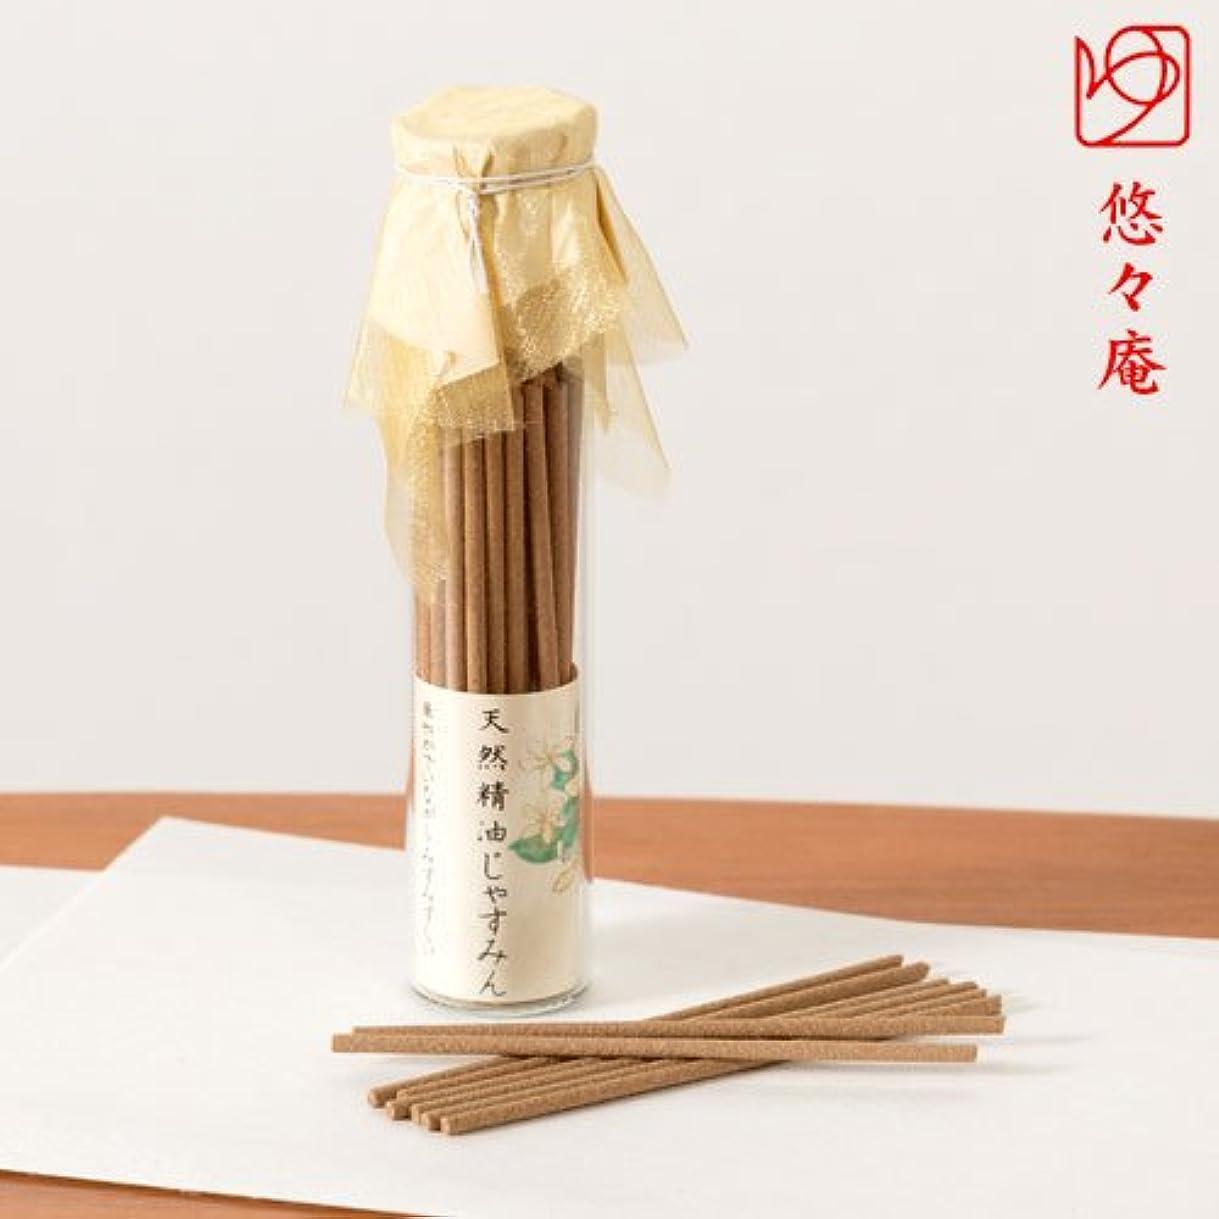 発揮するソケットシマウマスティックお香天然精油のお線香窓辺のじゃすみんガラスビン入悠々庵Incense stick of natural essential oil